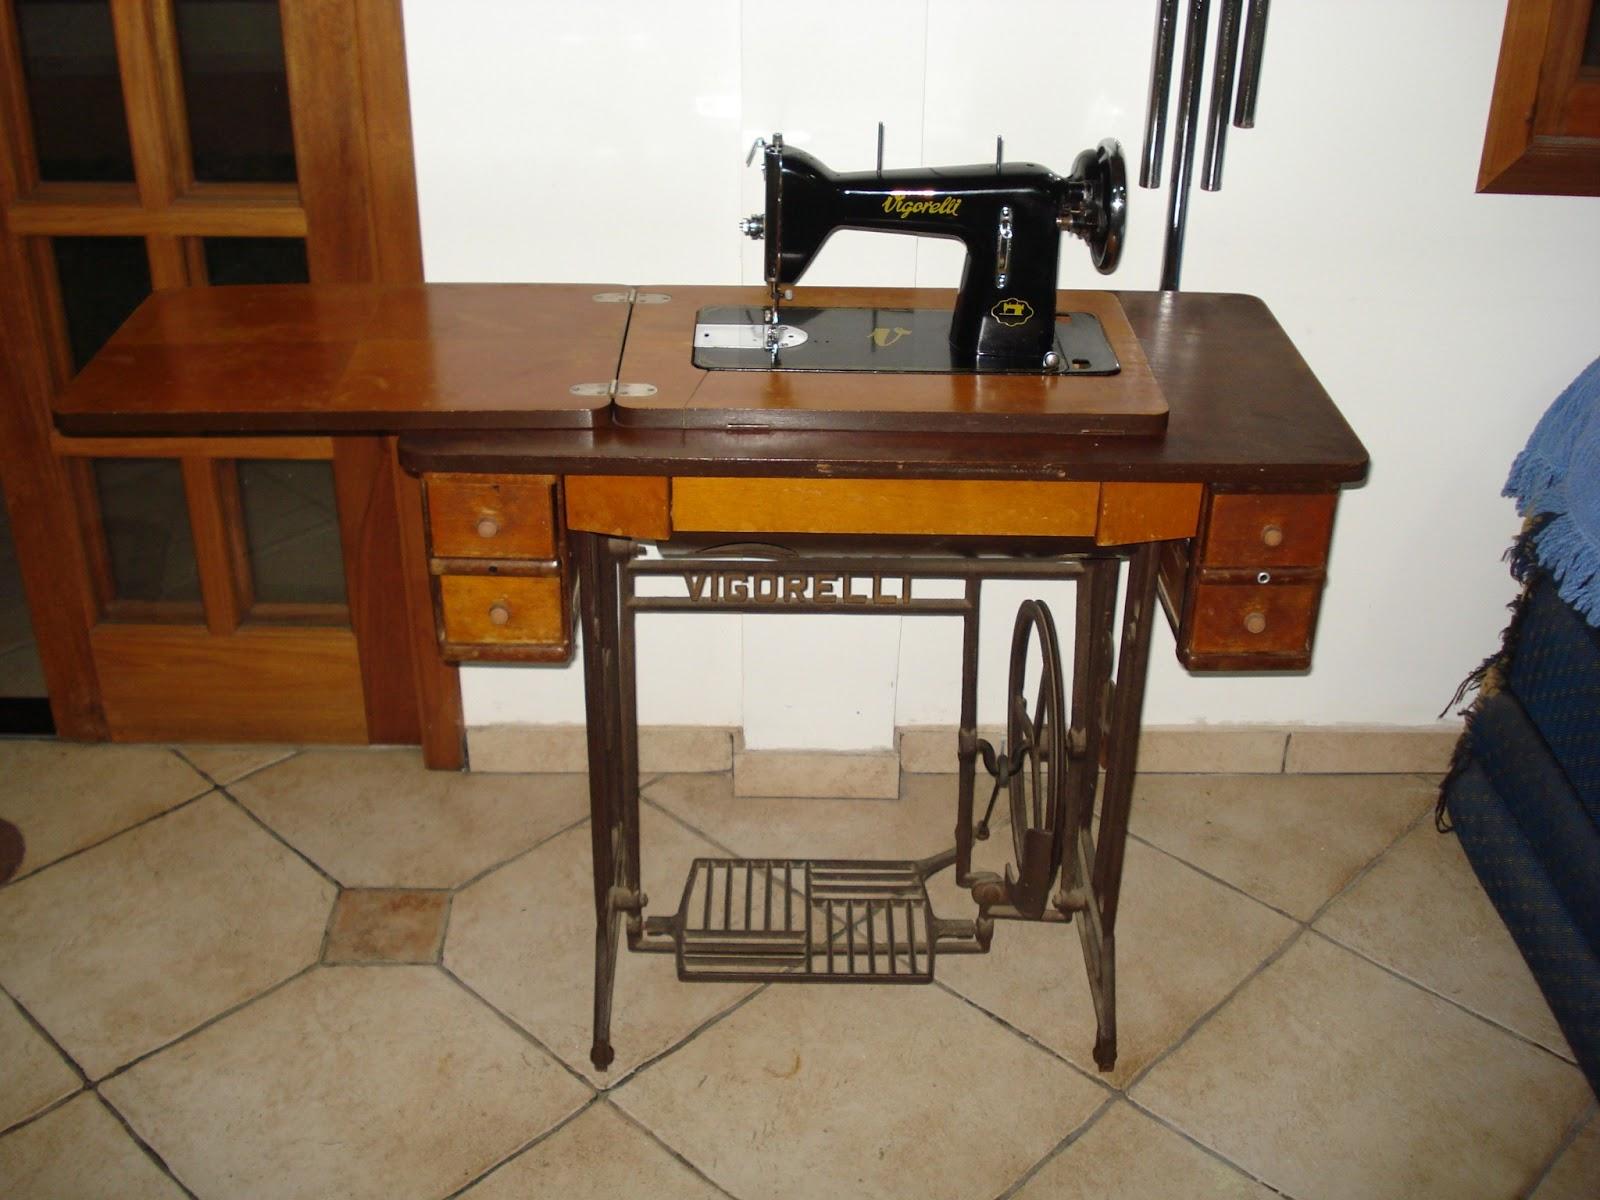 Máquina de costura Vigorelli #B76C02 1600x1200